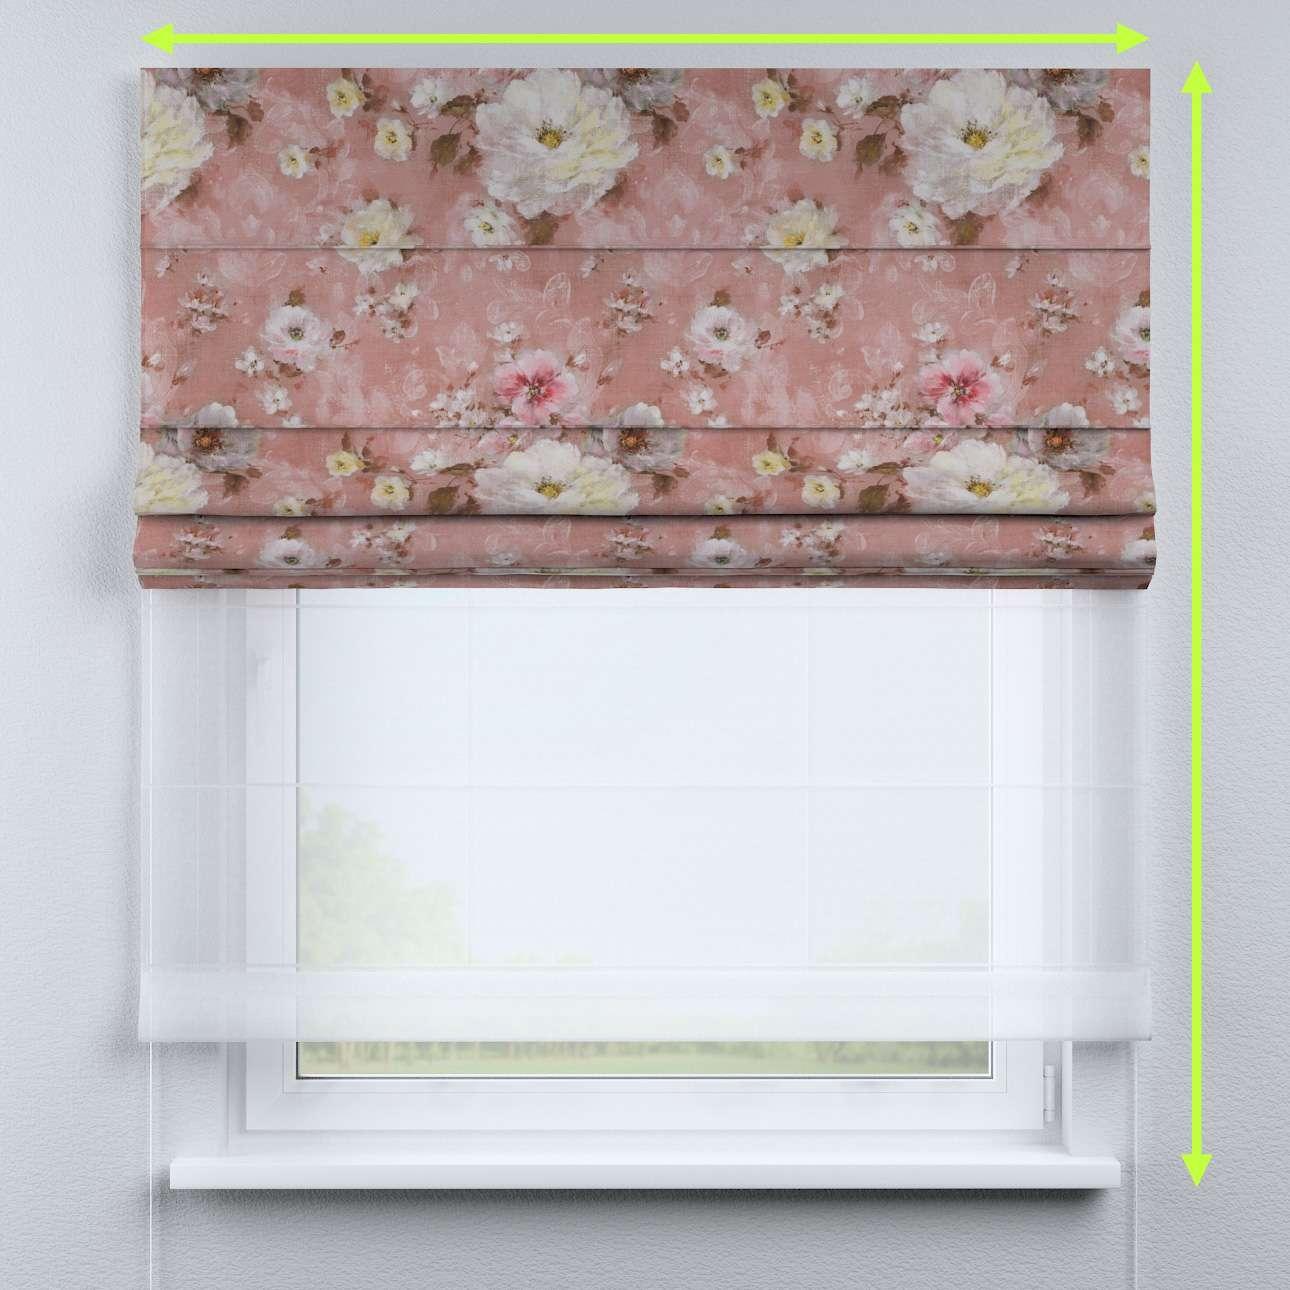 Rímska DUO roleta II V kolekcii Monet, tkanina: 137-83